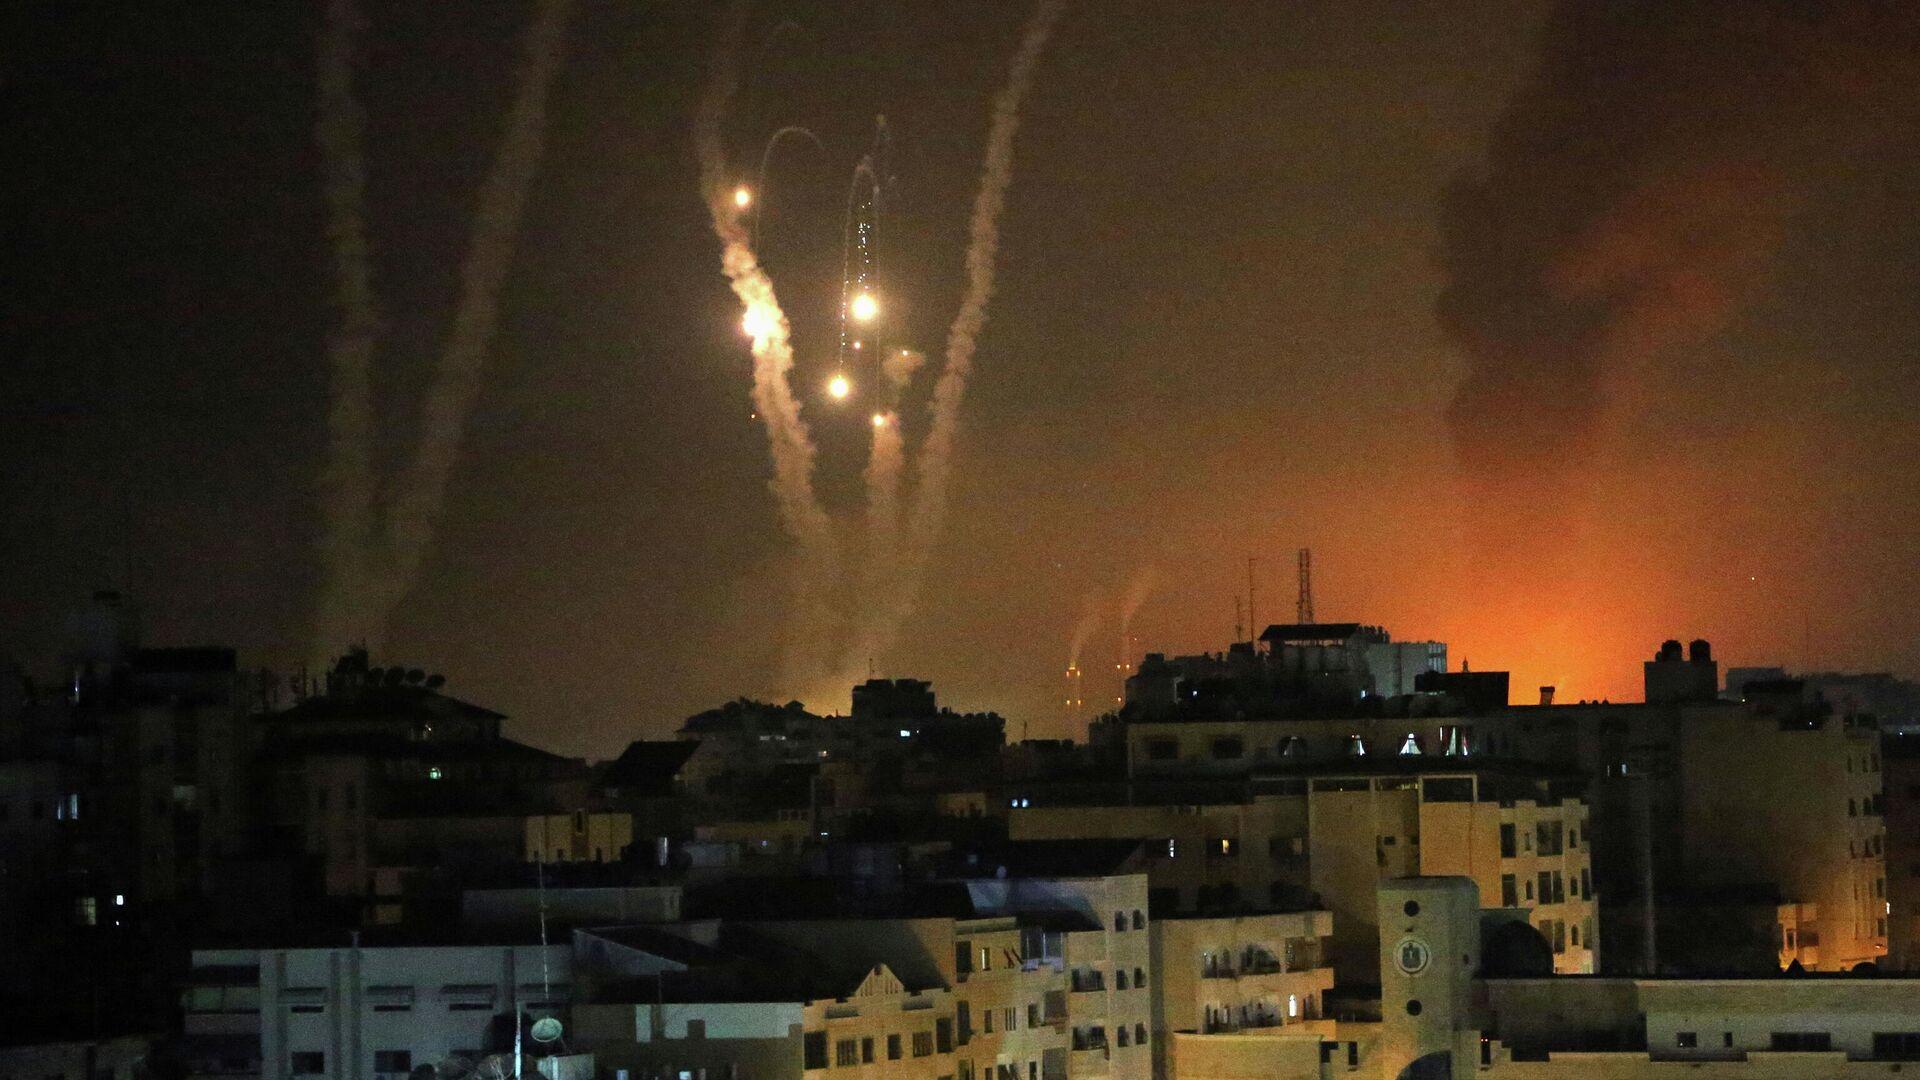 Ракеты, выпущенные по Израилю в Газе - РИА Новости, 1920, 13.05.2021